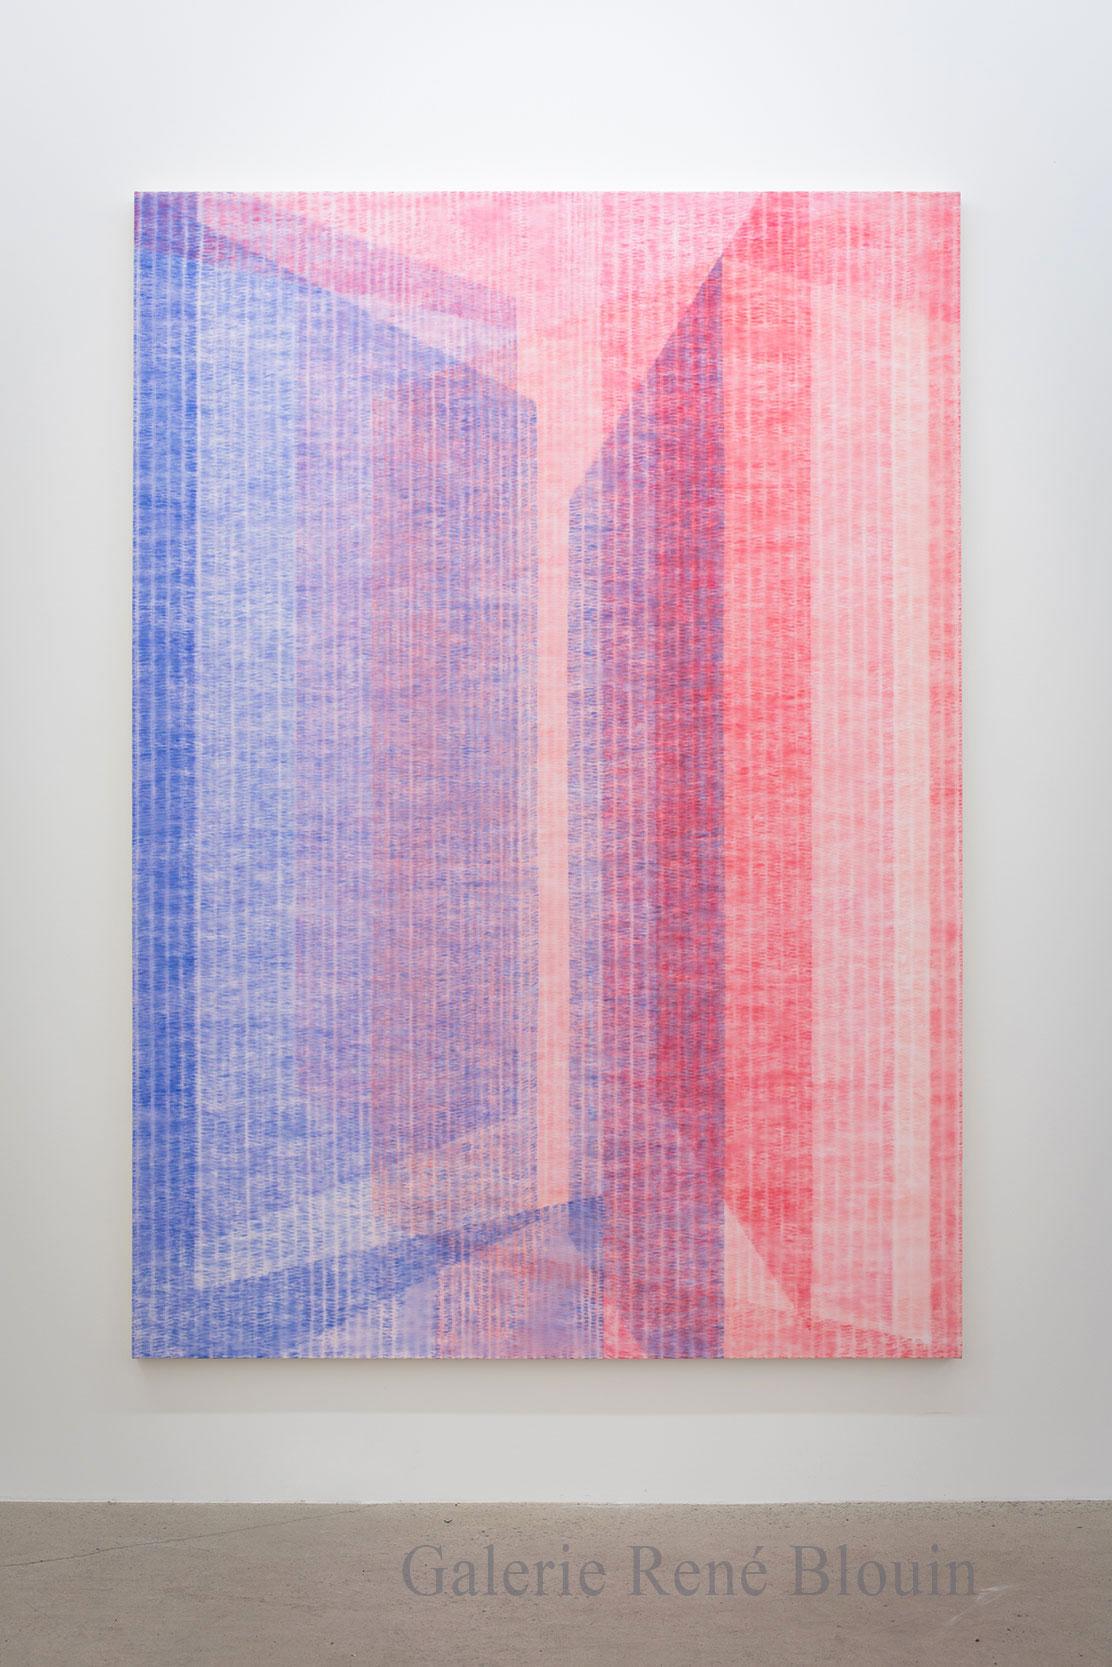 Marie-Claire Blais, Être la porte qui s'ouvre 9, 2016, acrylique sur toile, 216 x 152 cm /85 x 60 pouces. Photo : Marie-Claire Blais